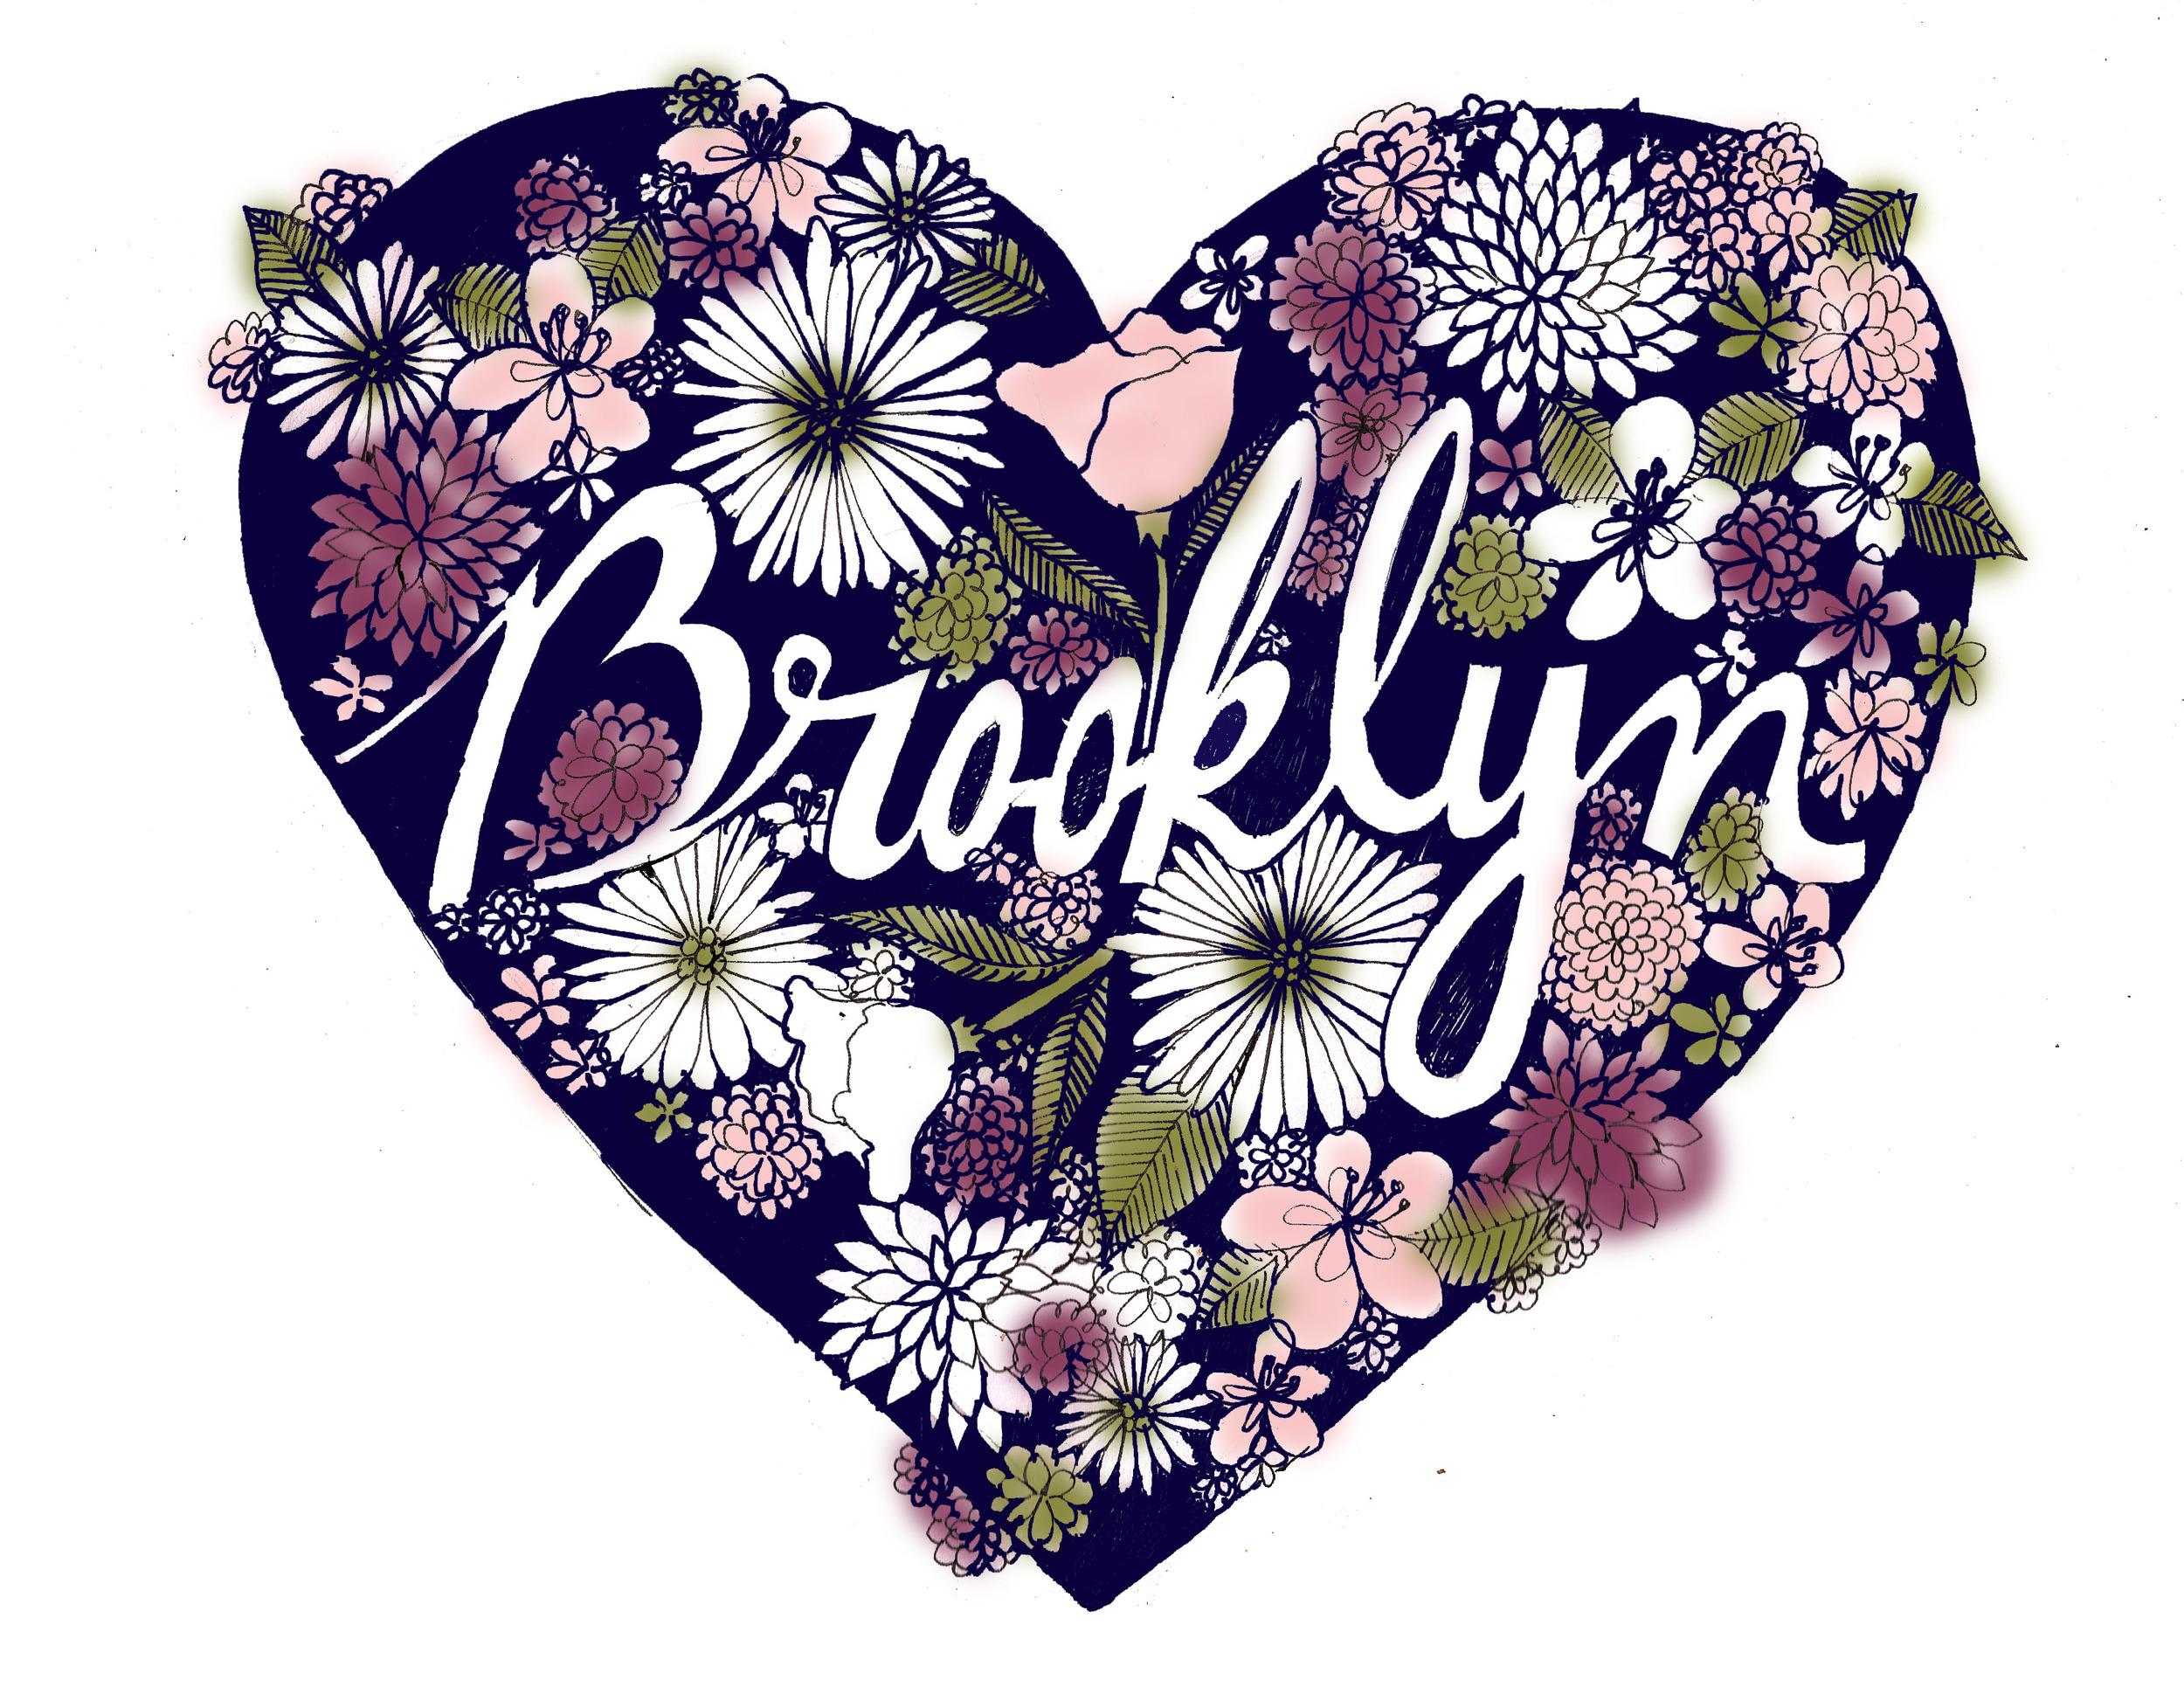 broooklyn copy.jpg